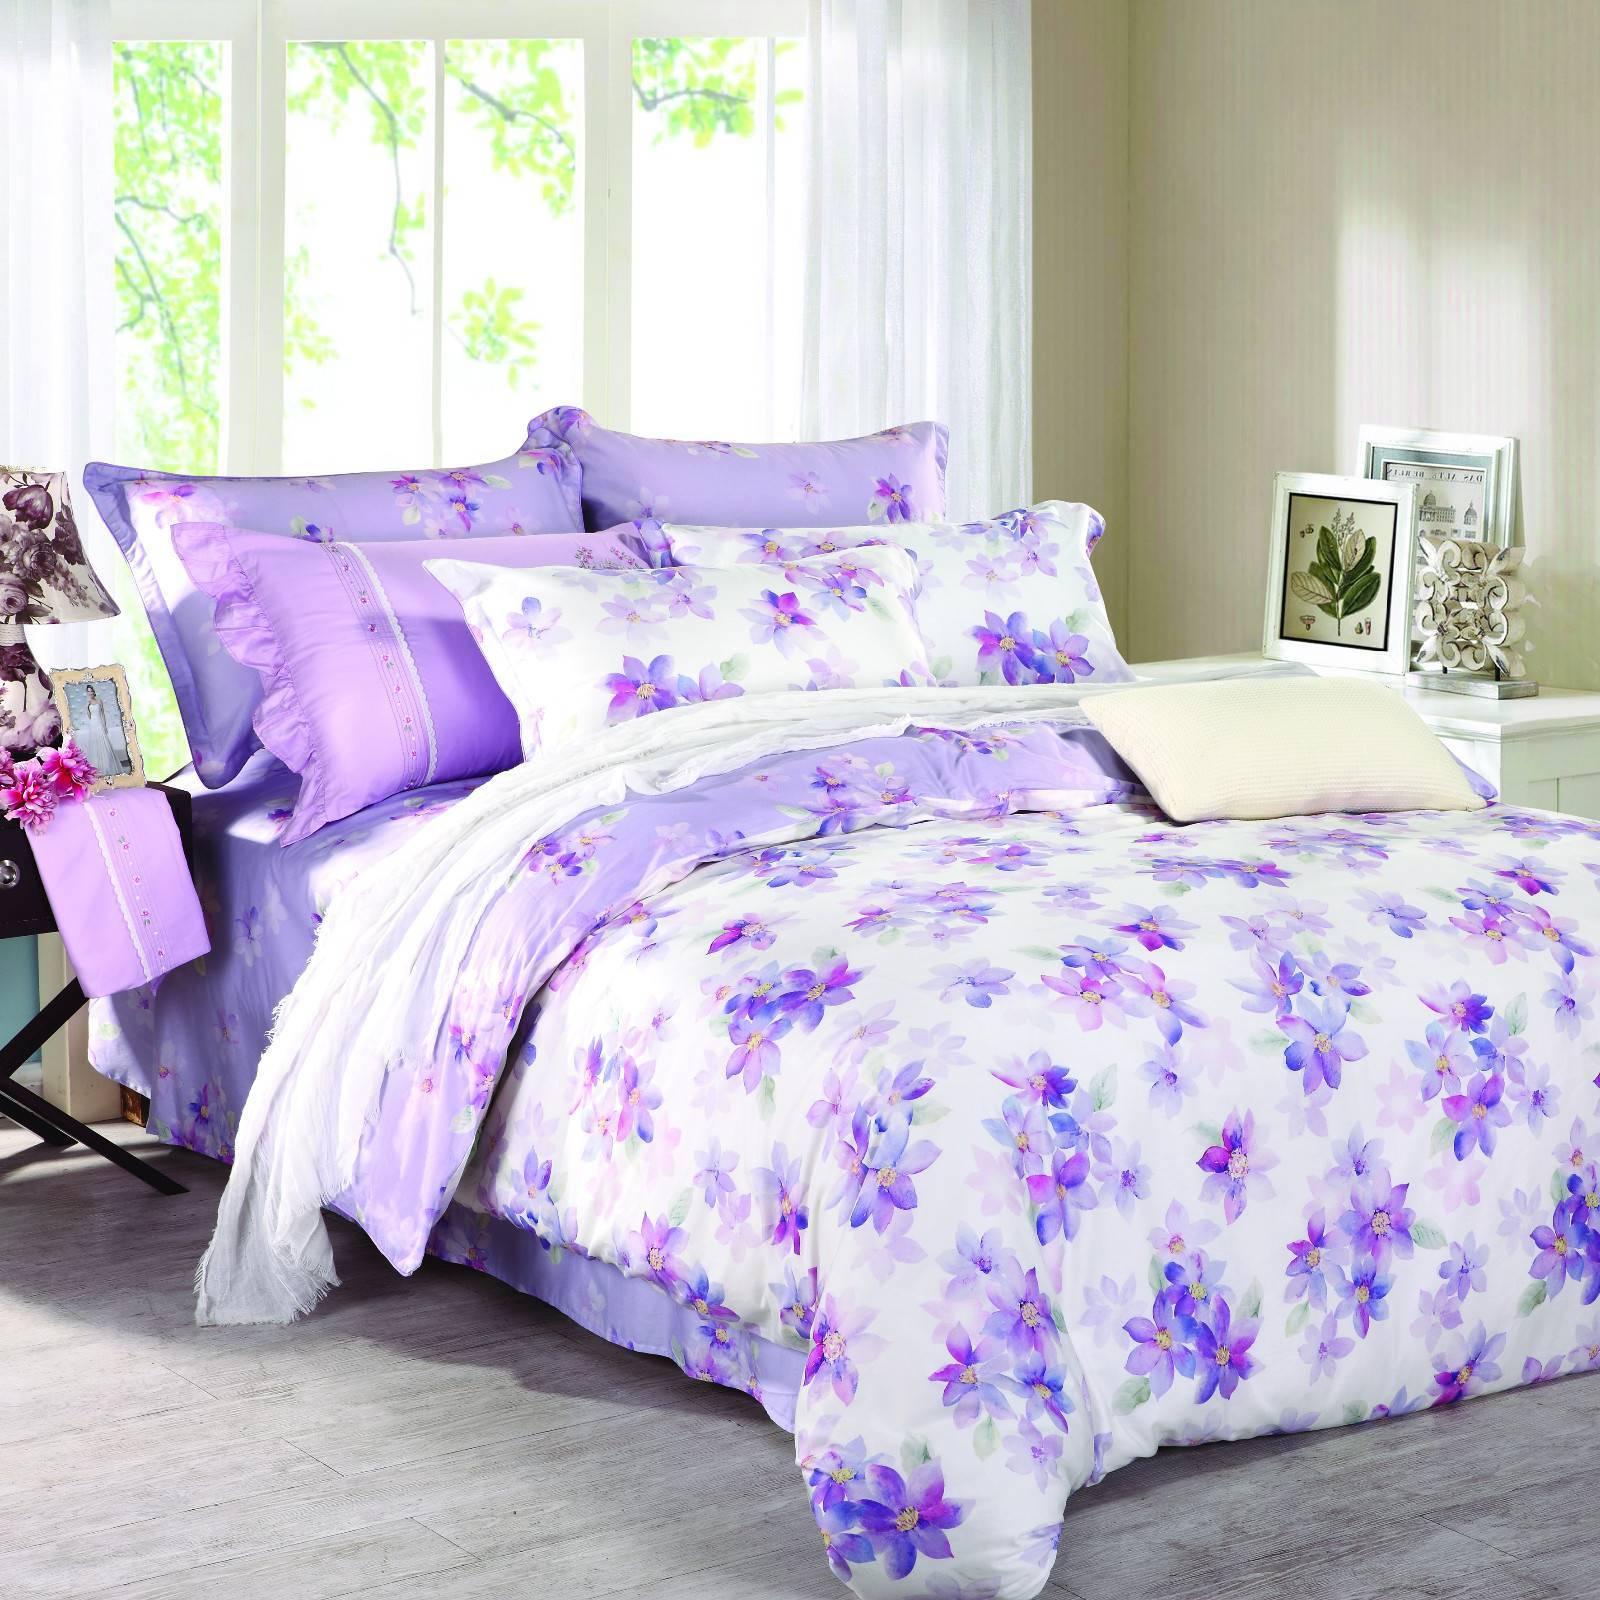 Daphne Purple Floral Printed Cotton Duvet Cover Set  6826